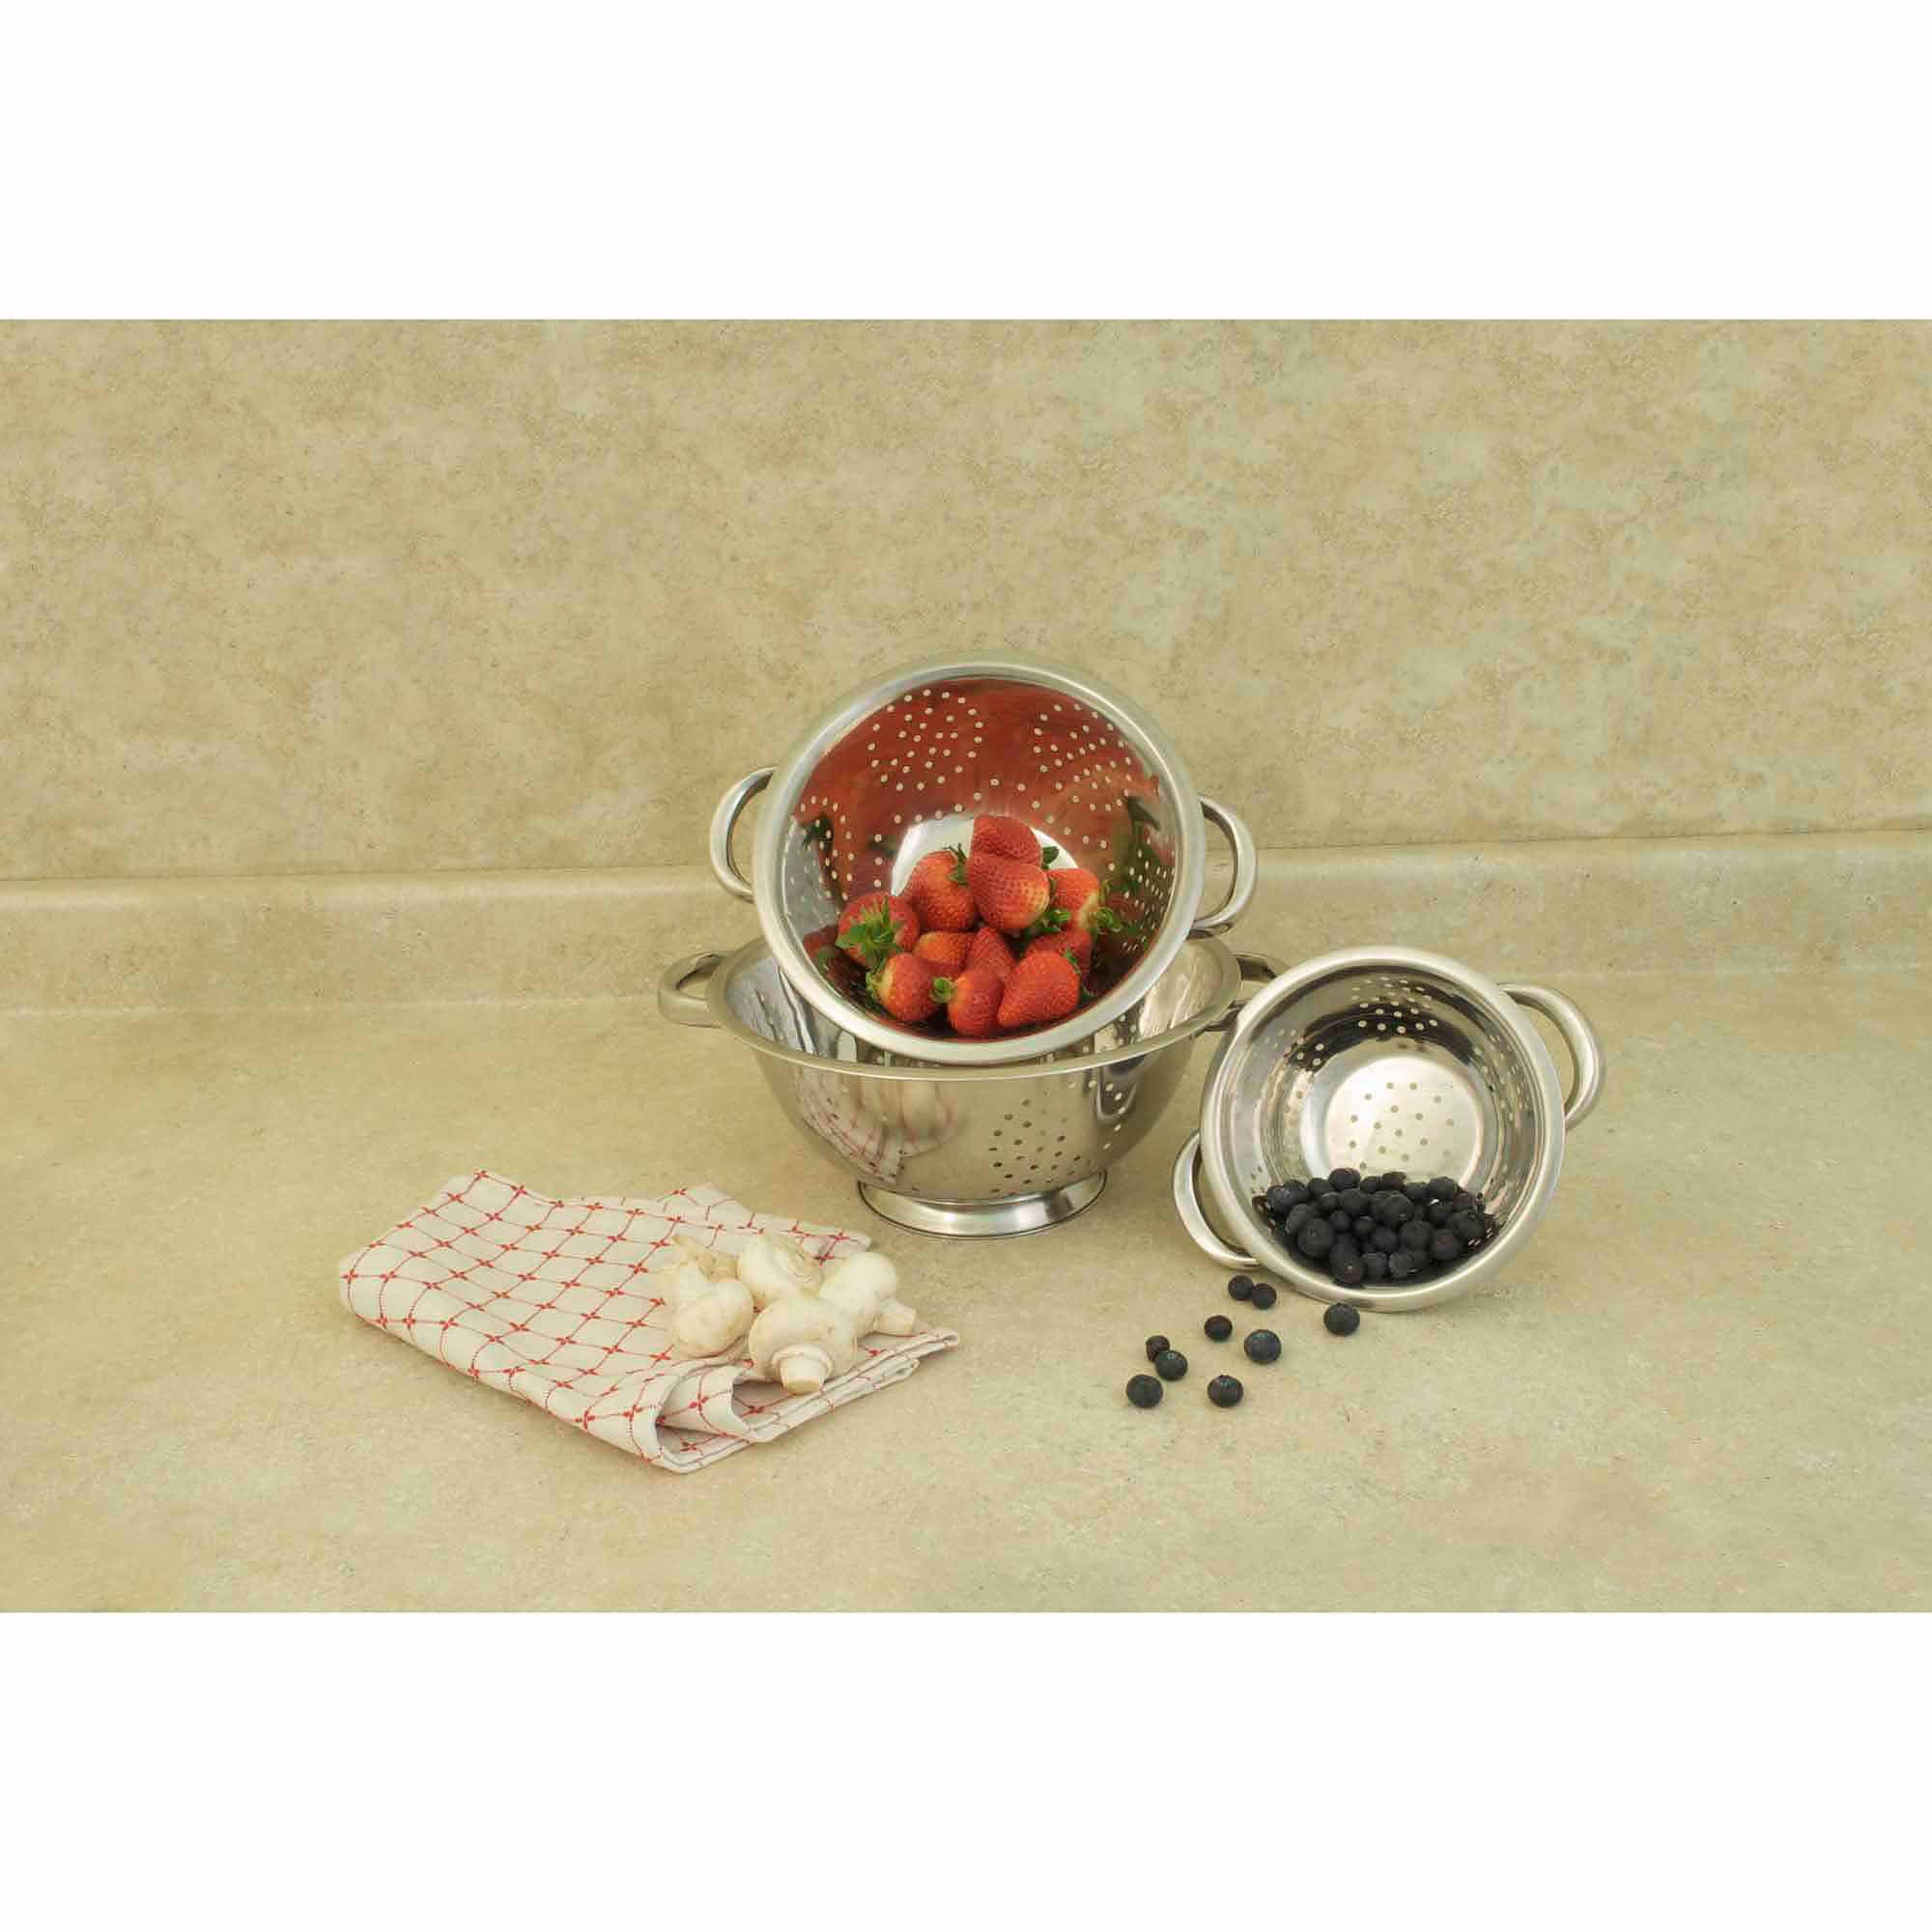 Cook Pro 3pc Stainless Steel Colander Set, 1qt, 2.5qt, 4qt by Cook Pro